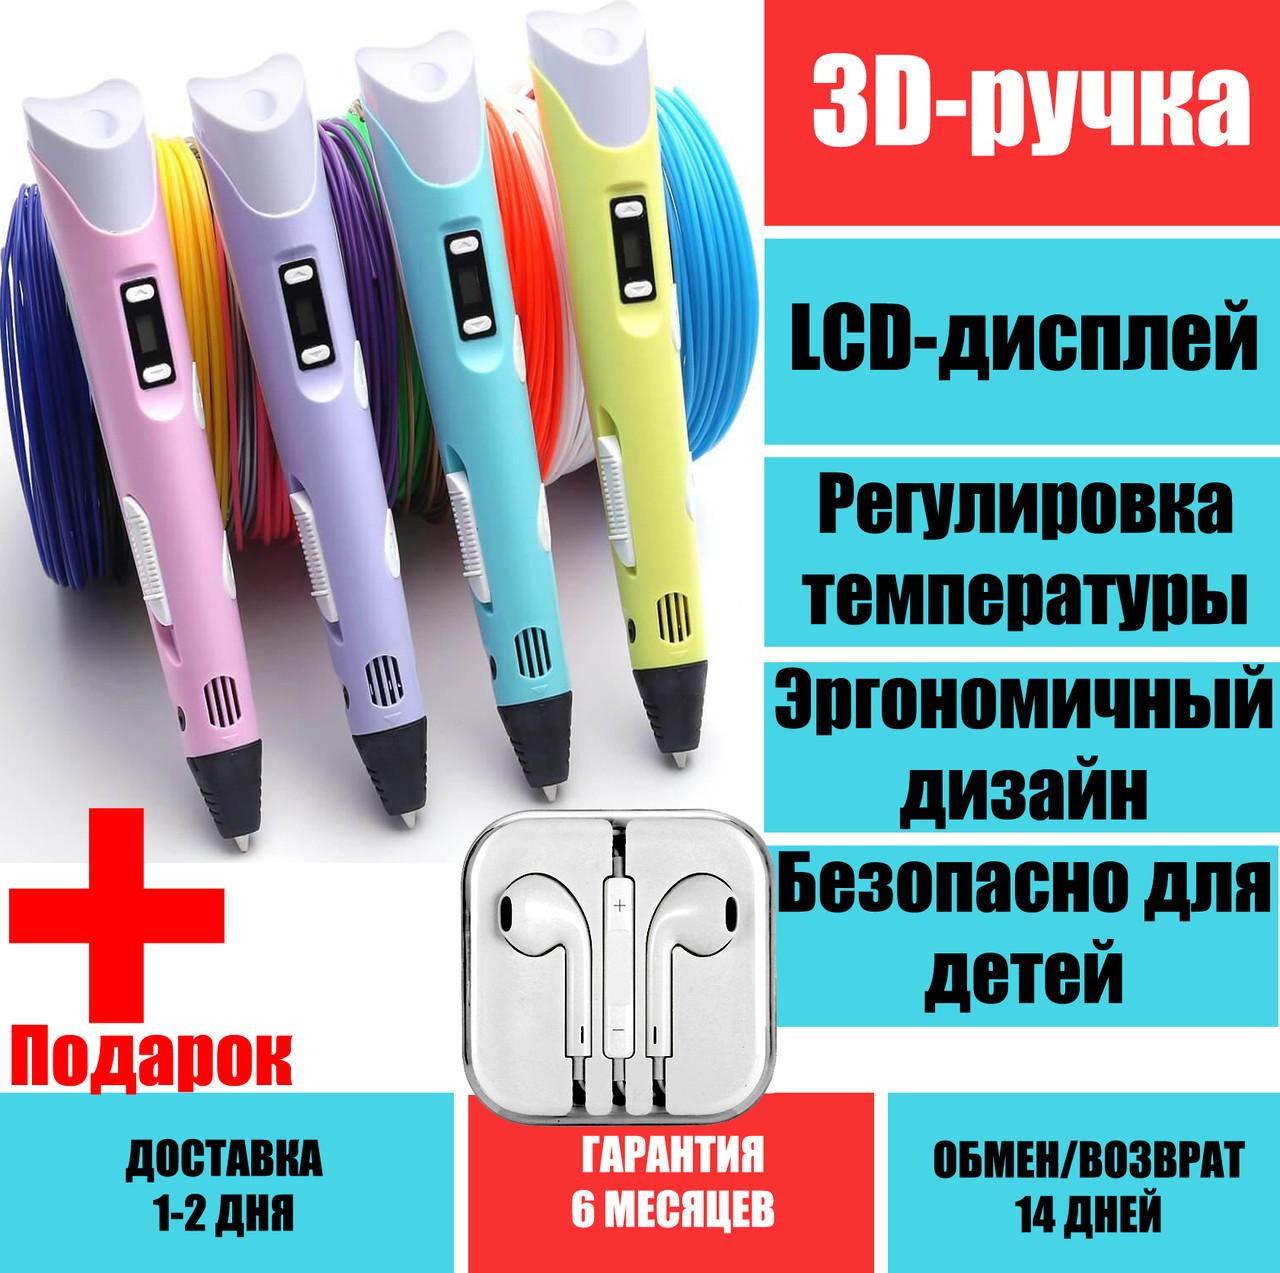 3D ручка c LCD дисплеем (3D Pen-2) 3D Pen второго поколения 3D-Ручки для детского творчества